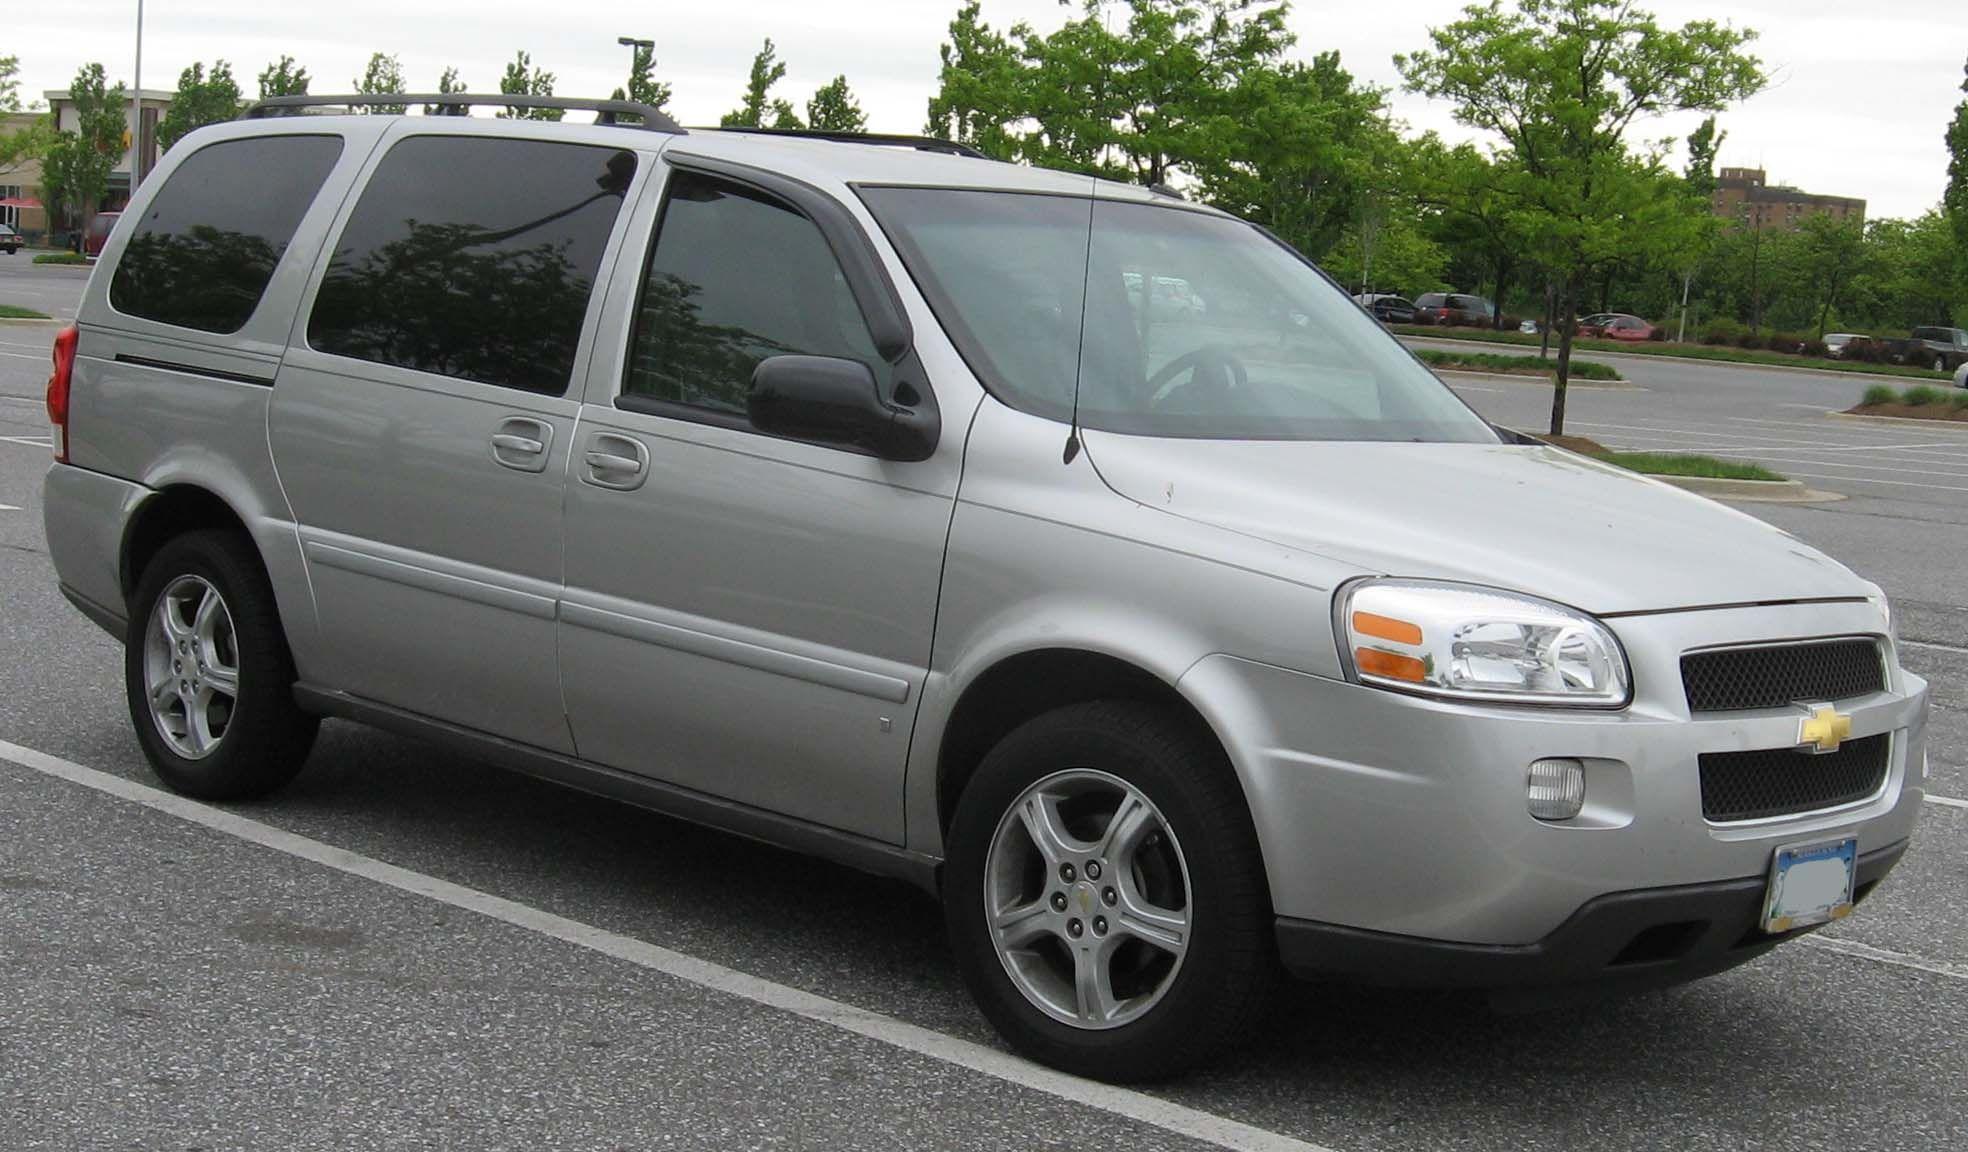 sliding door issues on a 2005 chevrolet uplander diy with this rh pinterest com 2005 Chevrolet Uplander Recalls 2005 Uplander Parts